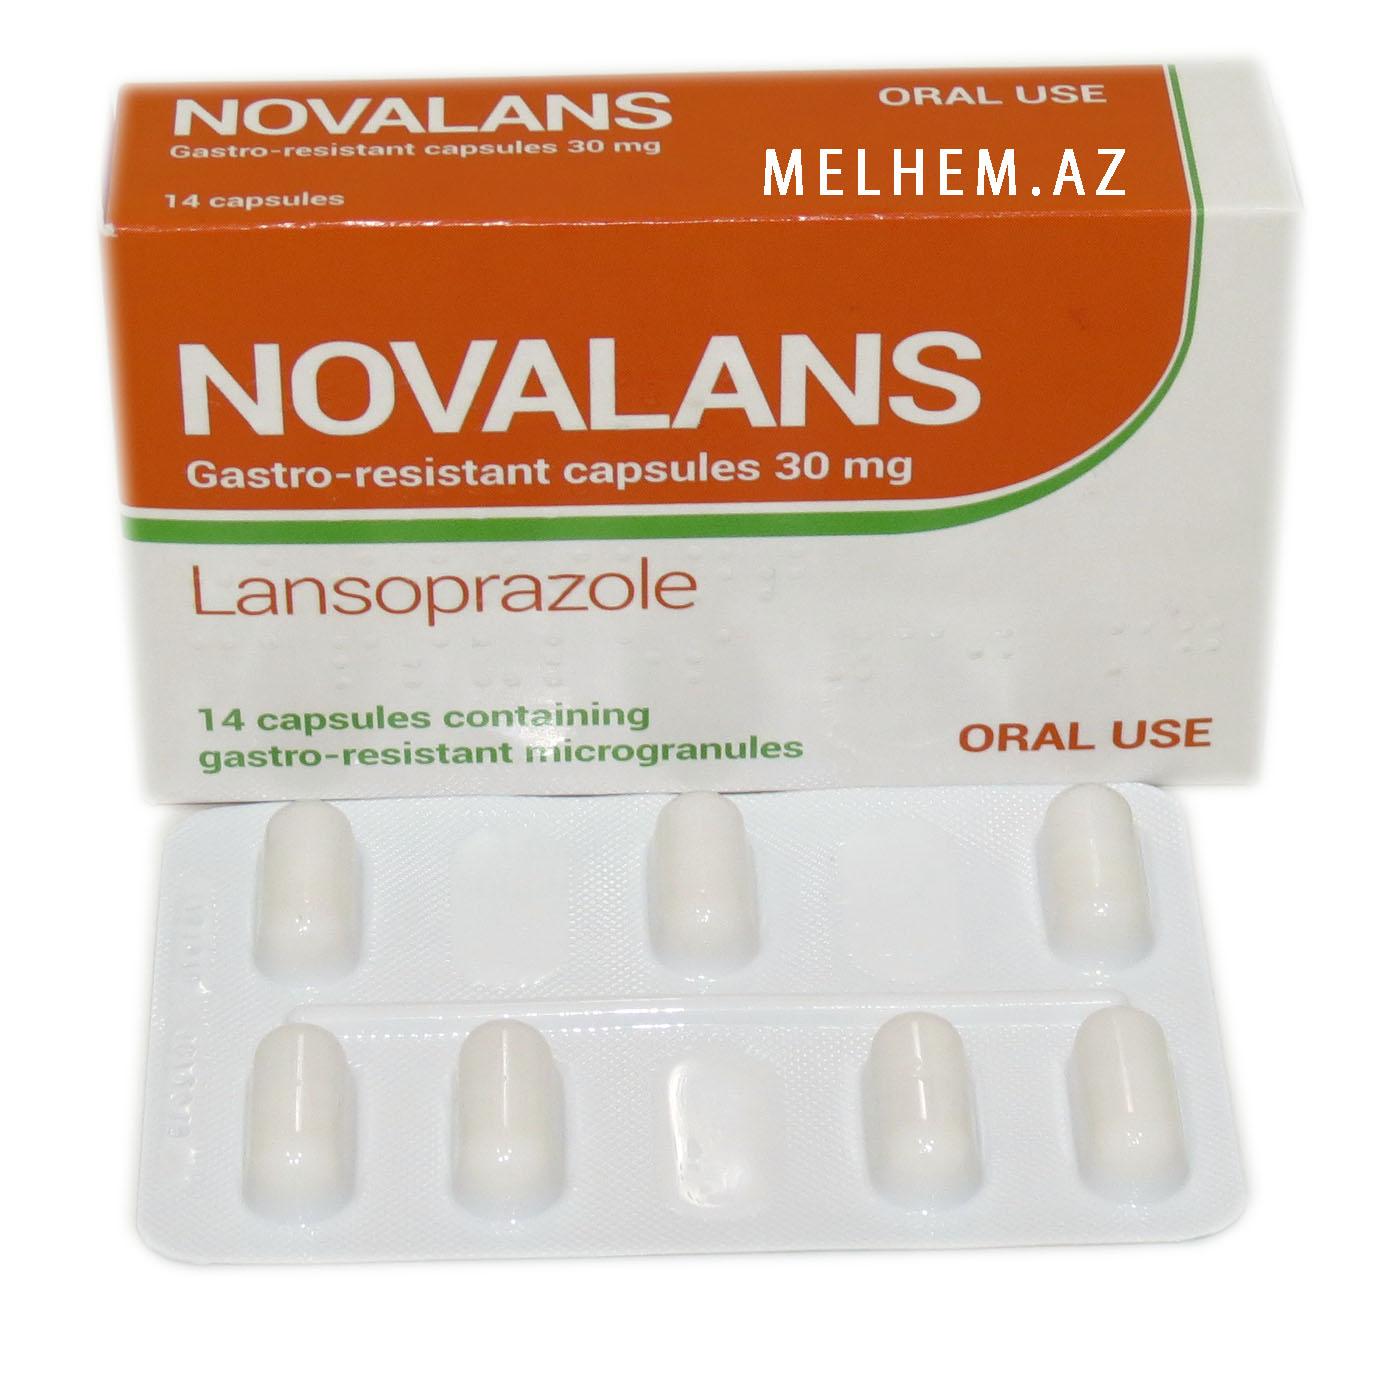 NOVALANS